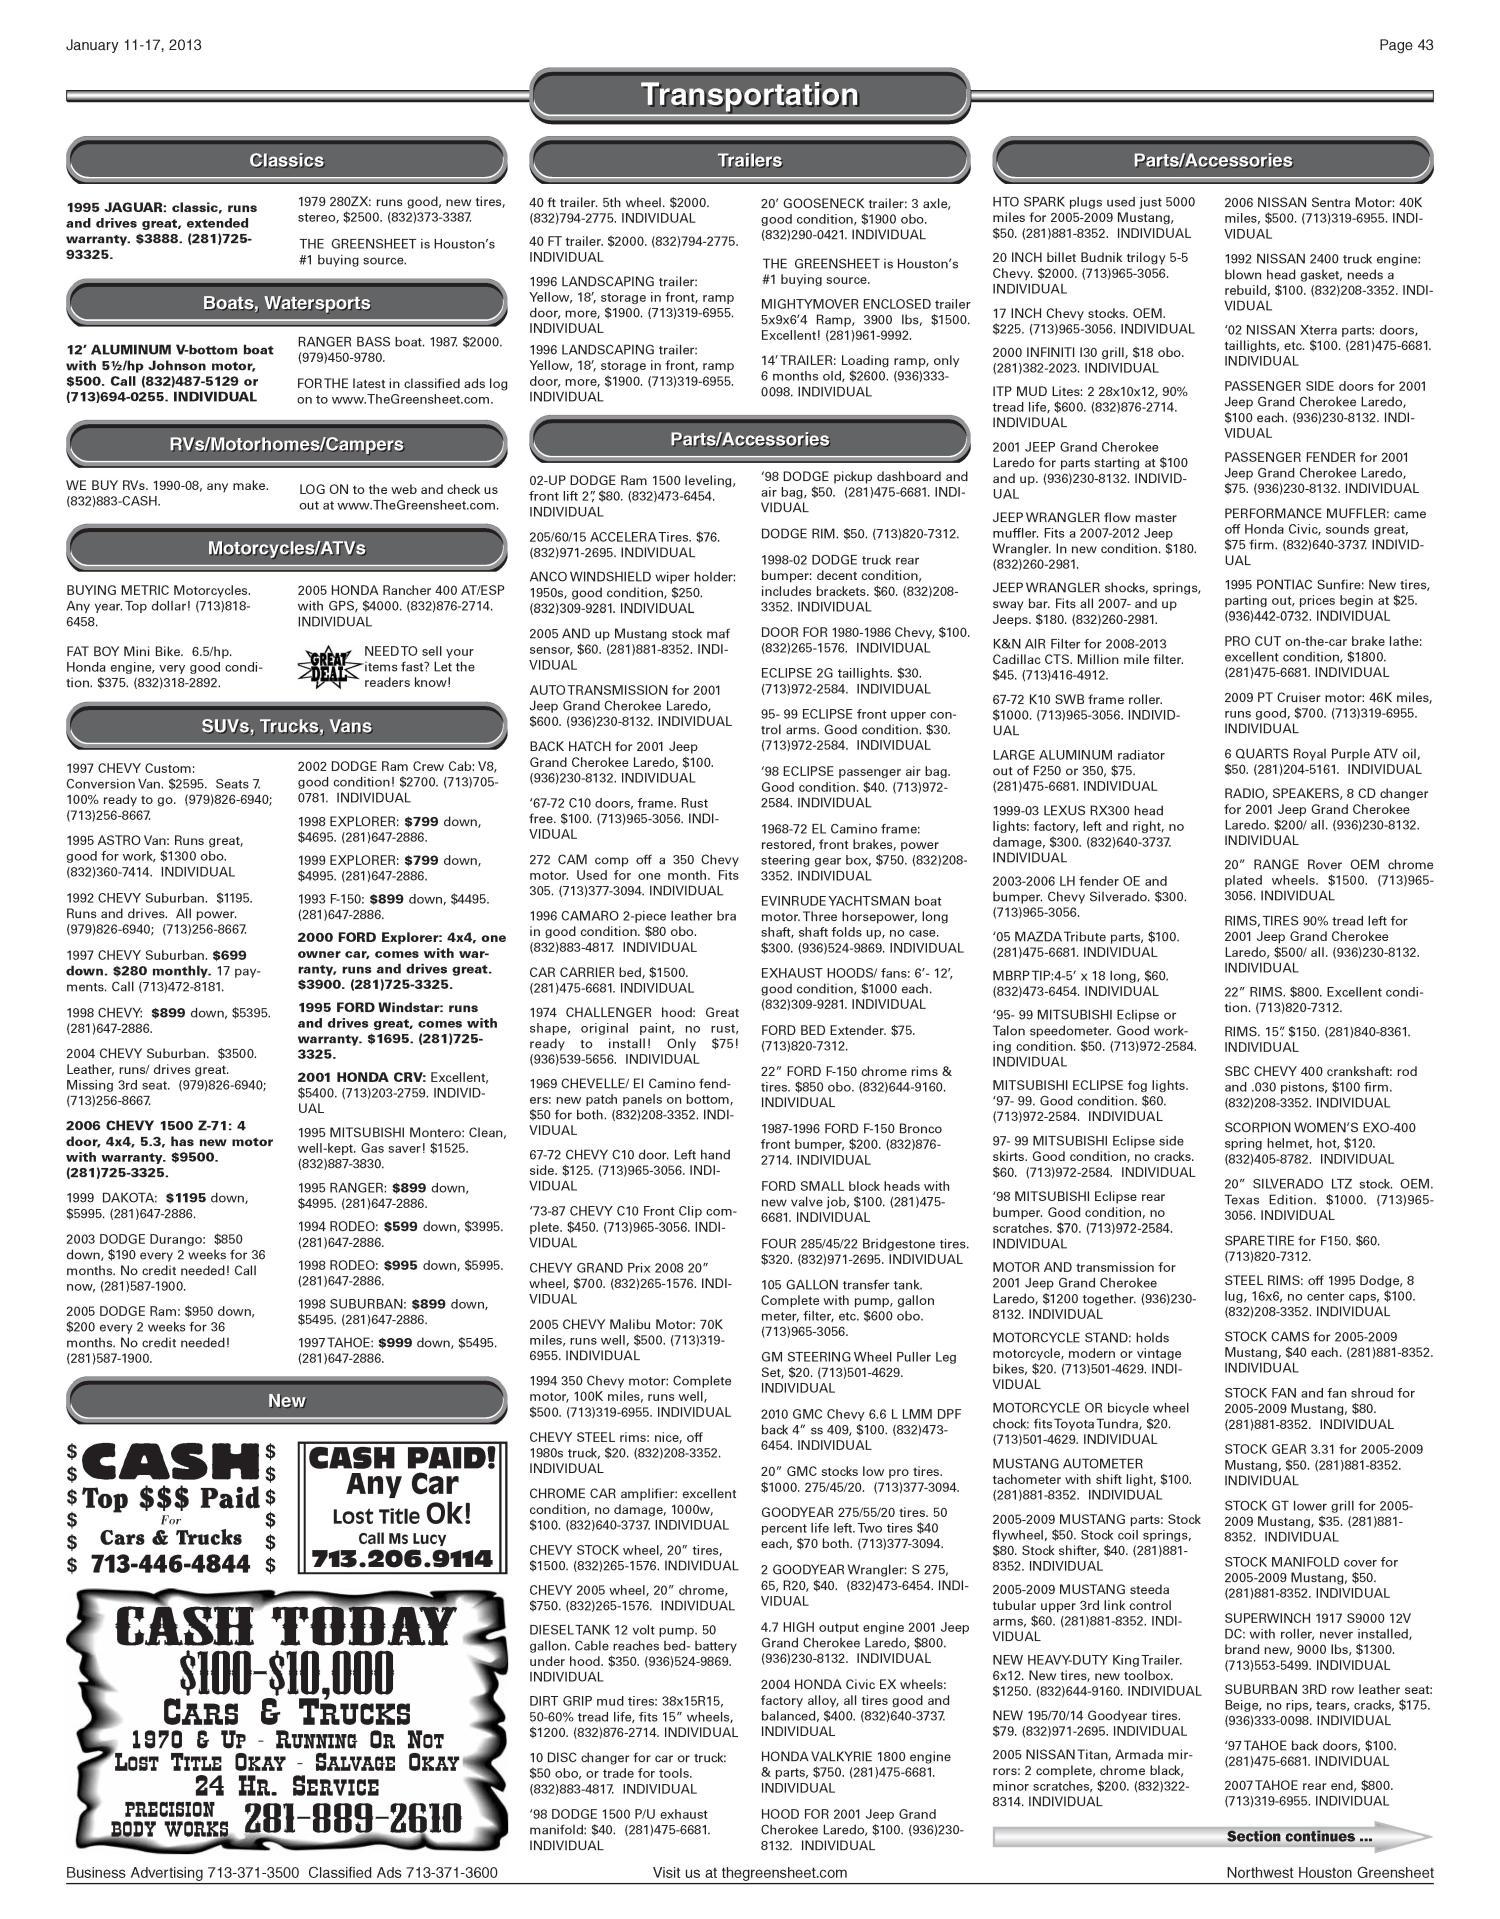 The Greensheet (Houston, Tex ), Vol  43, No  599, Ed  1